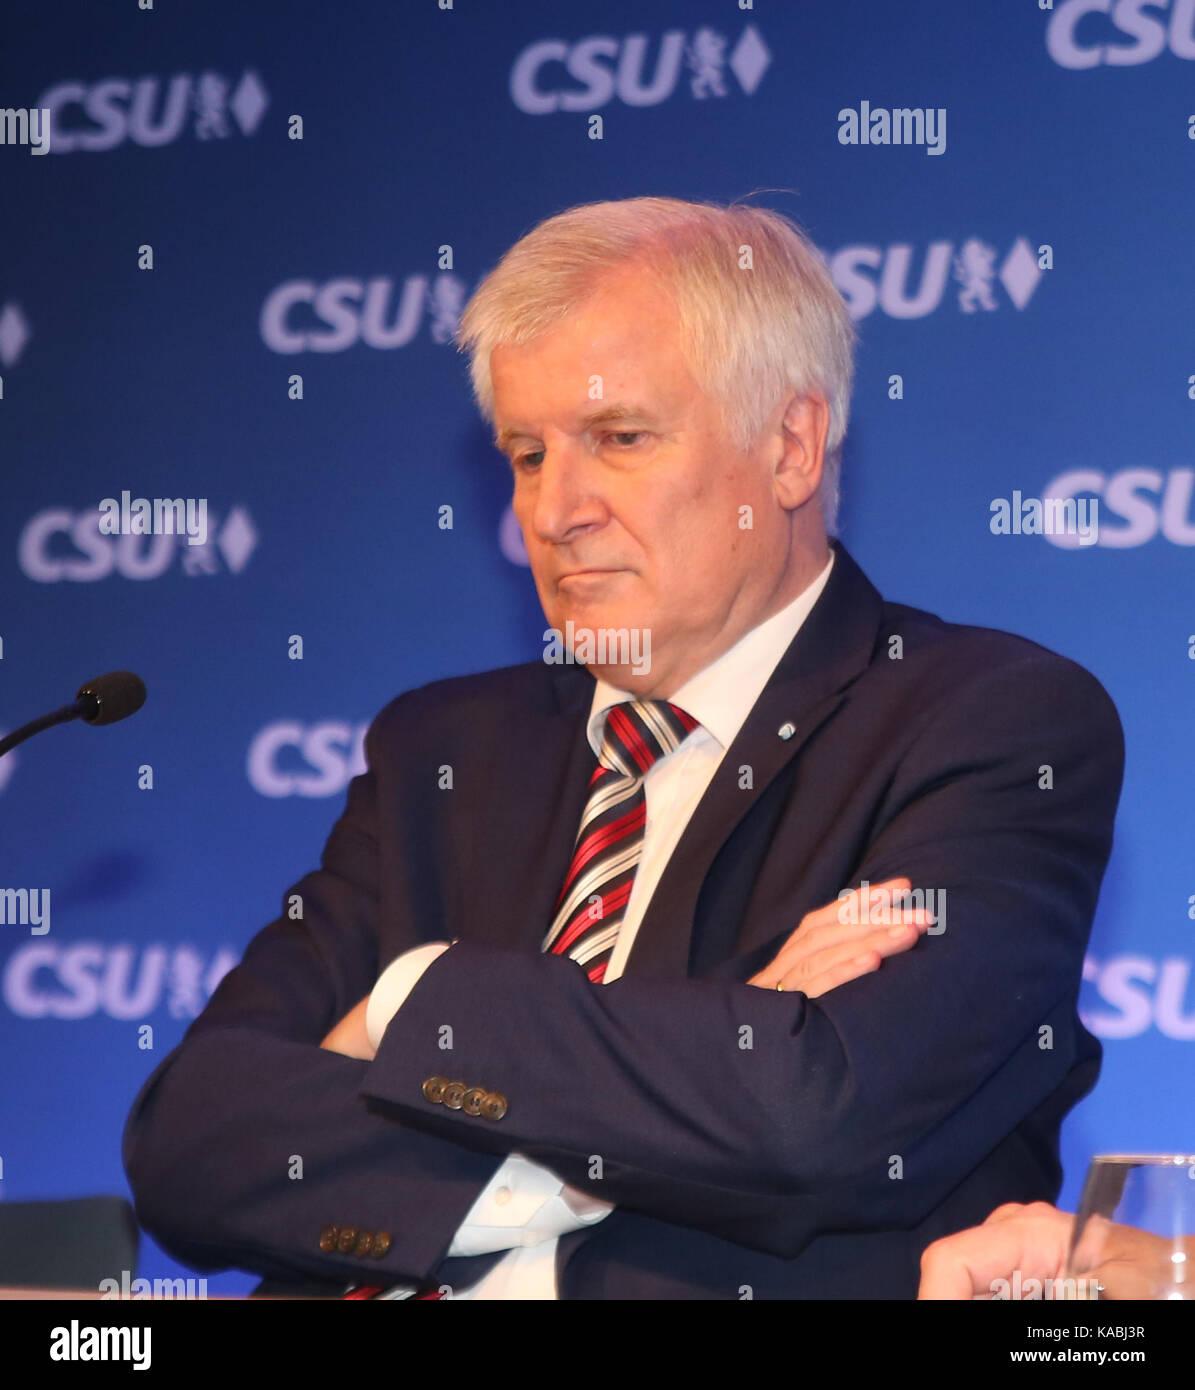 München, Deutschland. 25 Sep, 2017. Horst Seehofer nach langer Diskussion in der Partei Caucus Bayerns Ministerpräsident Stockfoto